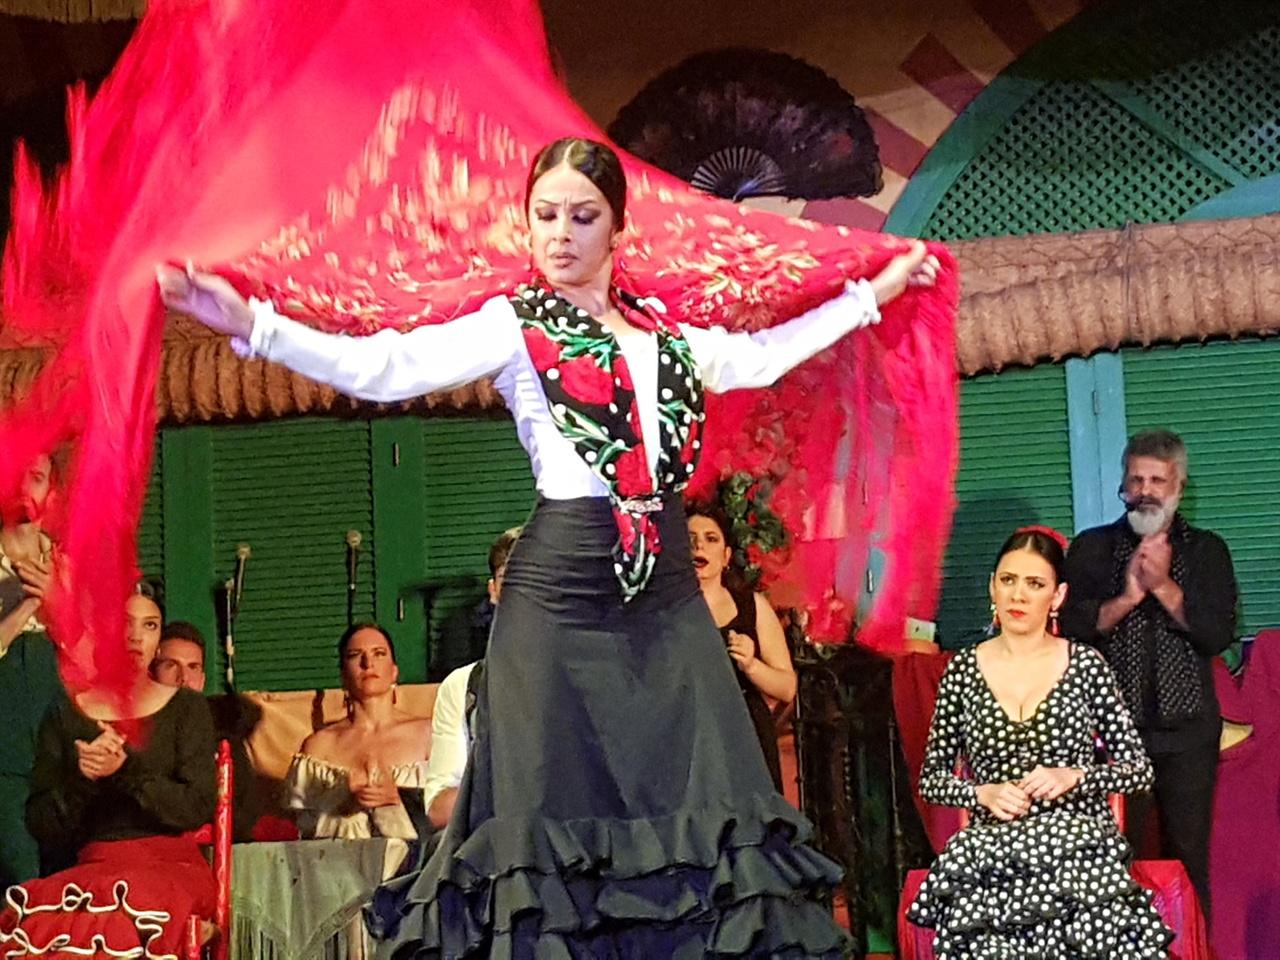 거침없이 춤을 추는 여인의 춤에서 집시의 향기가 물씬 풍깁니다.